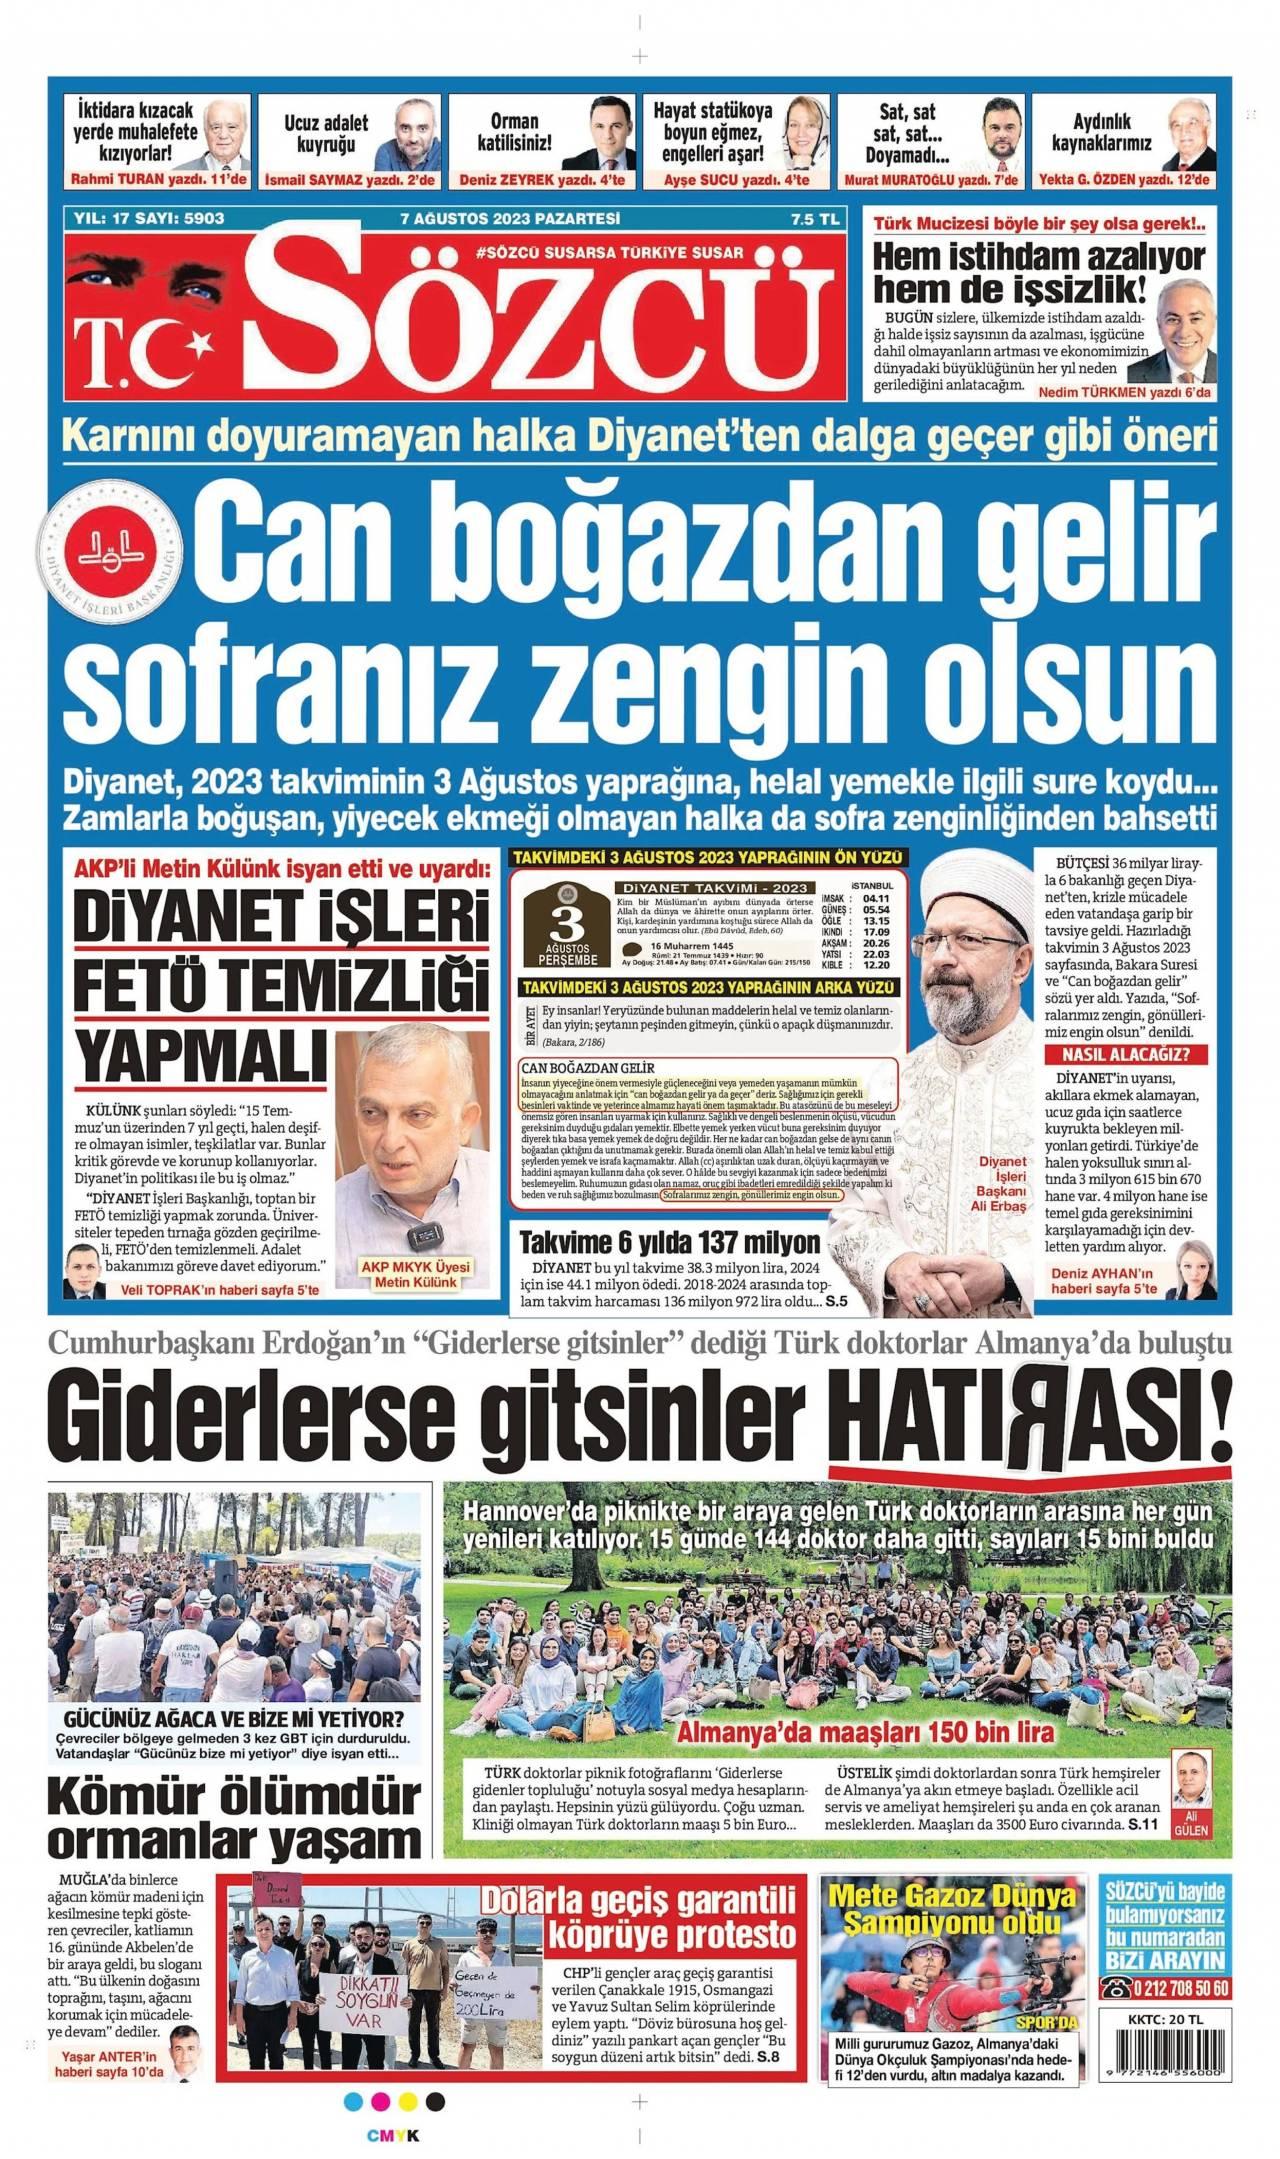 23 Şubat 2020, Pazar sozcu Gazetesi